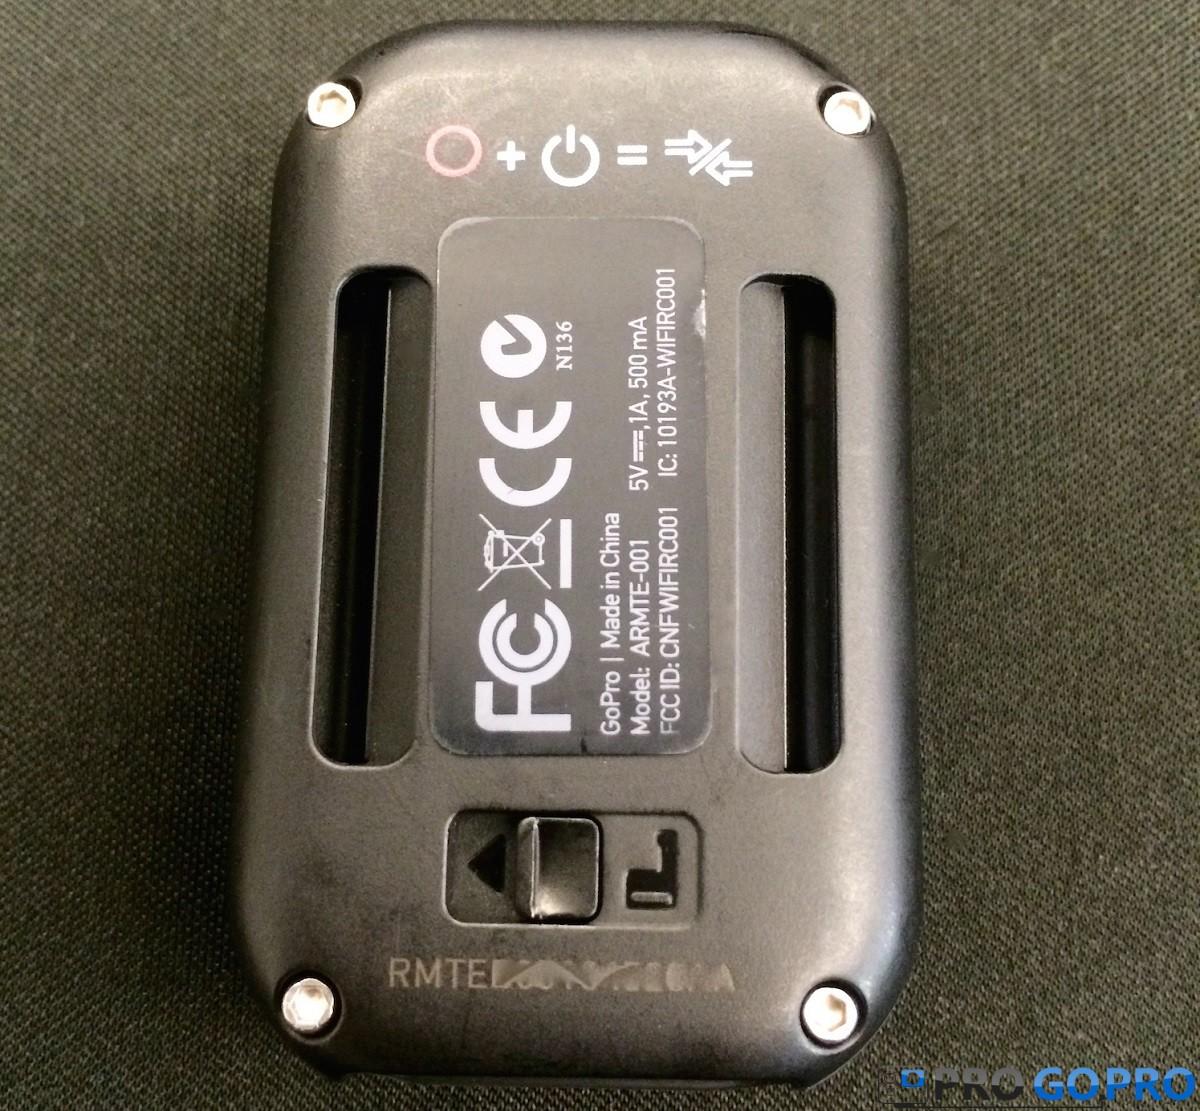 Серийный номер на Wi-Fi Remote